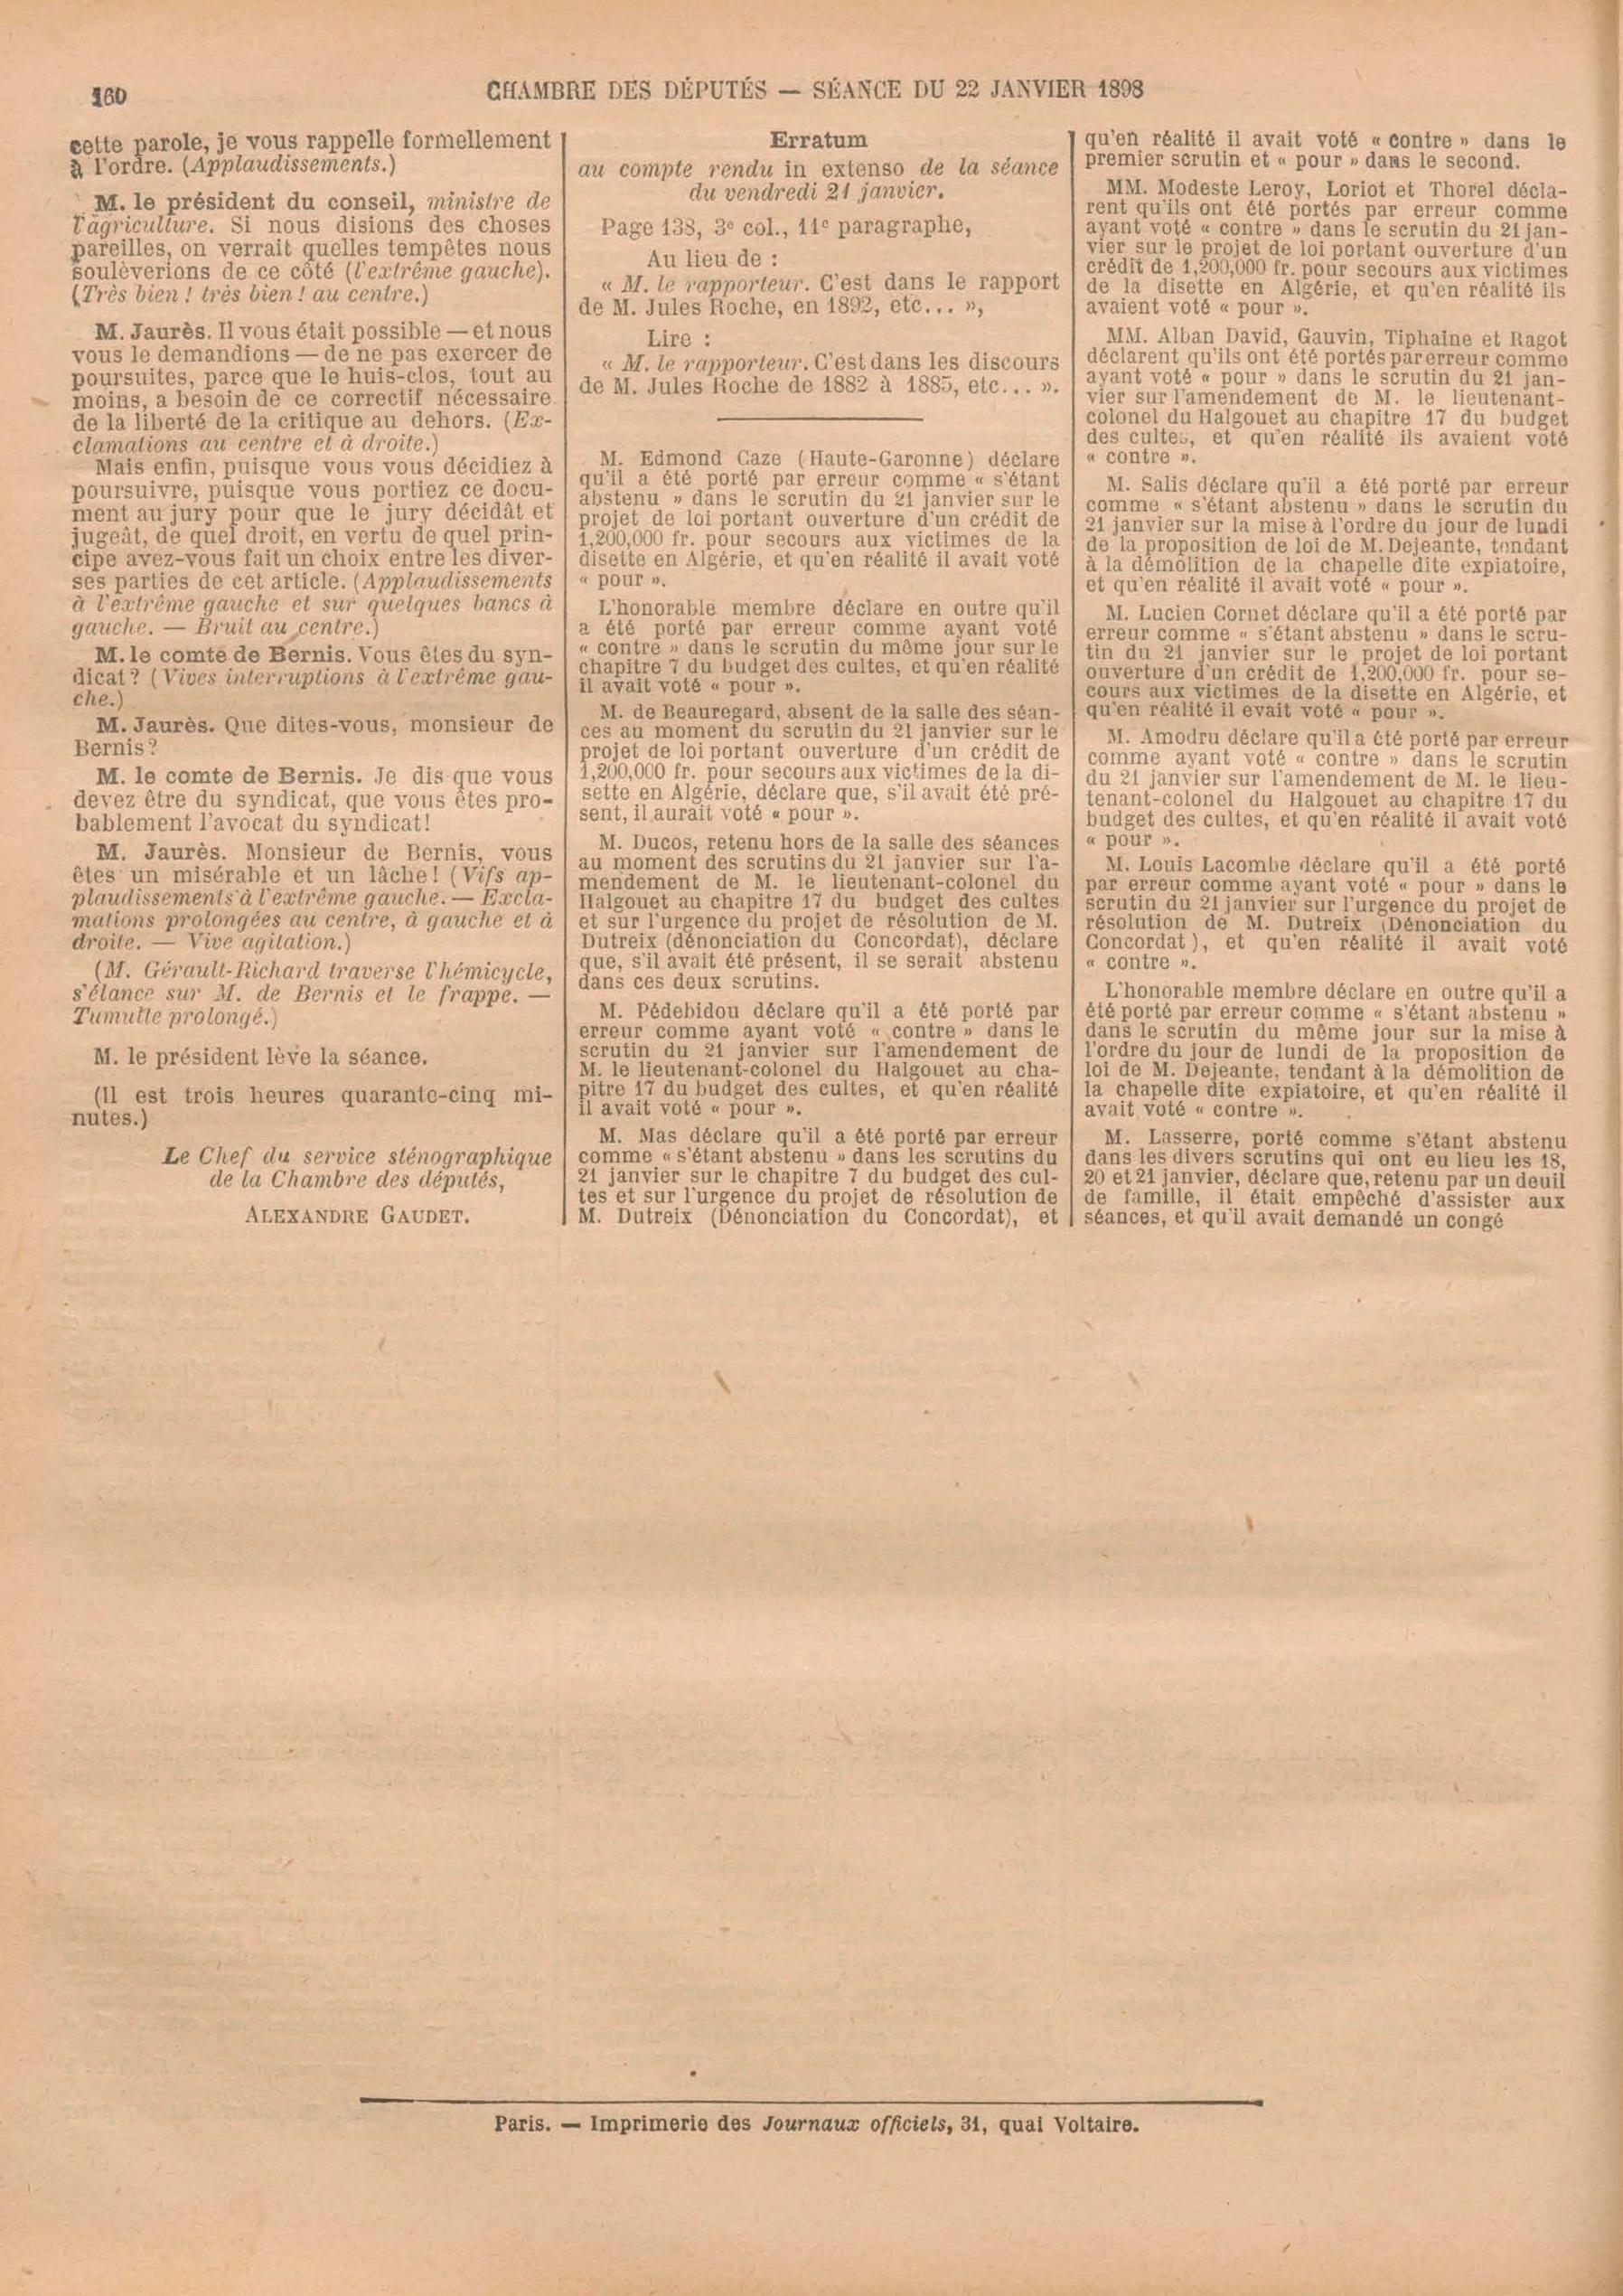 http://expo-paulviollet.univ-paris1.fr/wp-content/uploads/2017/09/Journal_officiel_de_la_République_séance-du-samedi-22-janvier-1898_Page_6.jpg